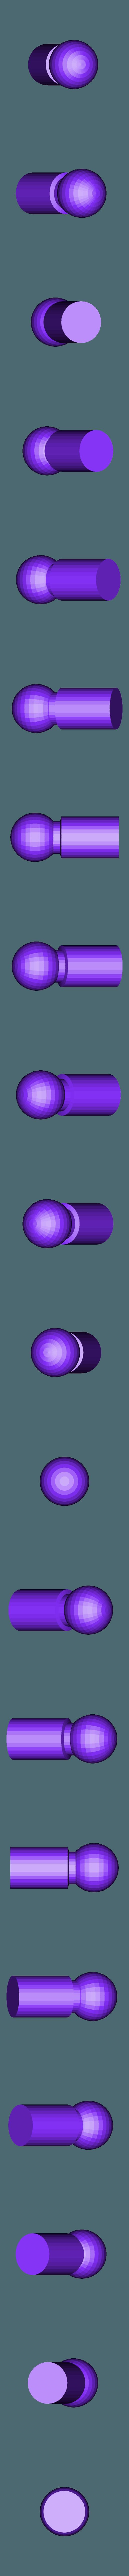 17_A 130 110_rev1.stl Télécharger fichier STL gratuit Poupée de 52 cm 1/3 à joint magnétique, style Kasca • Design imprimable en 3D, all-kasca